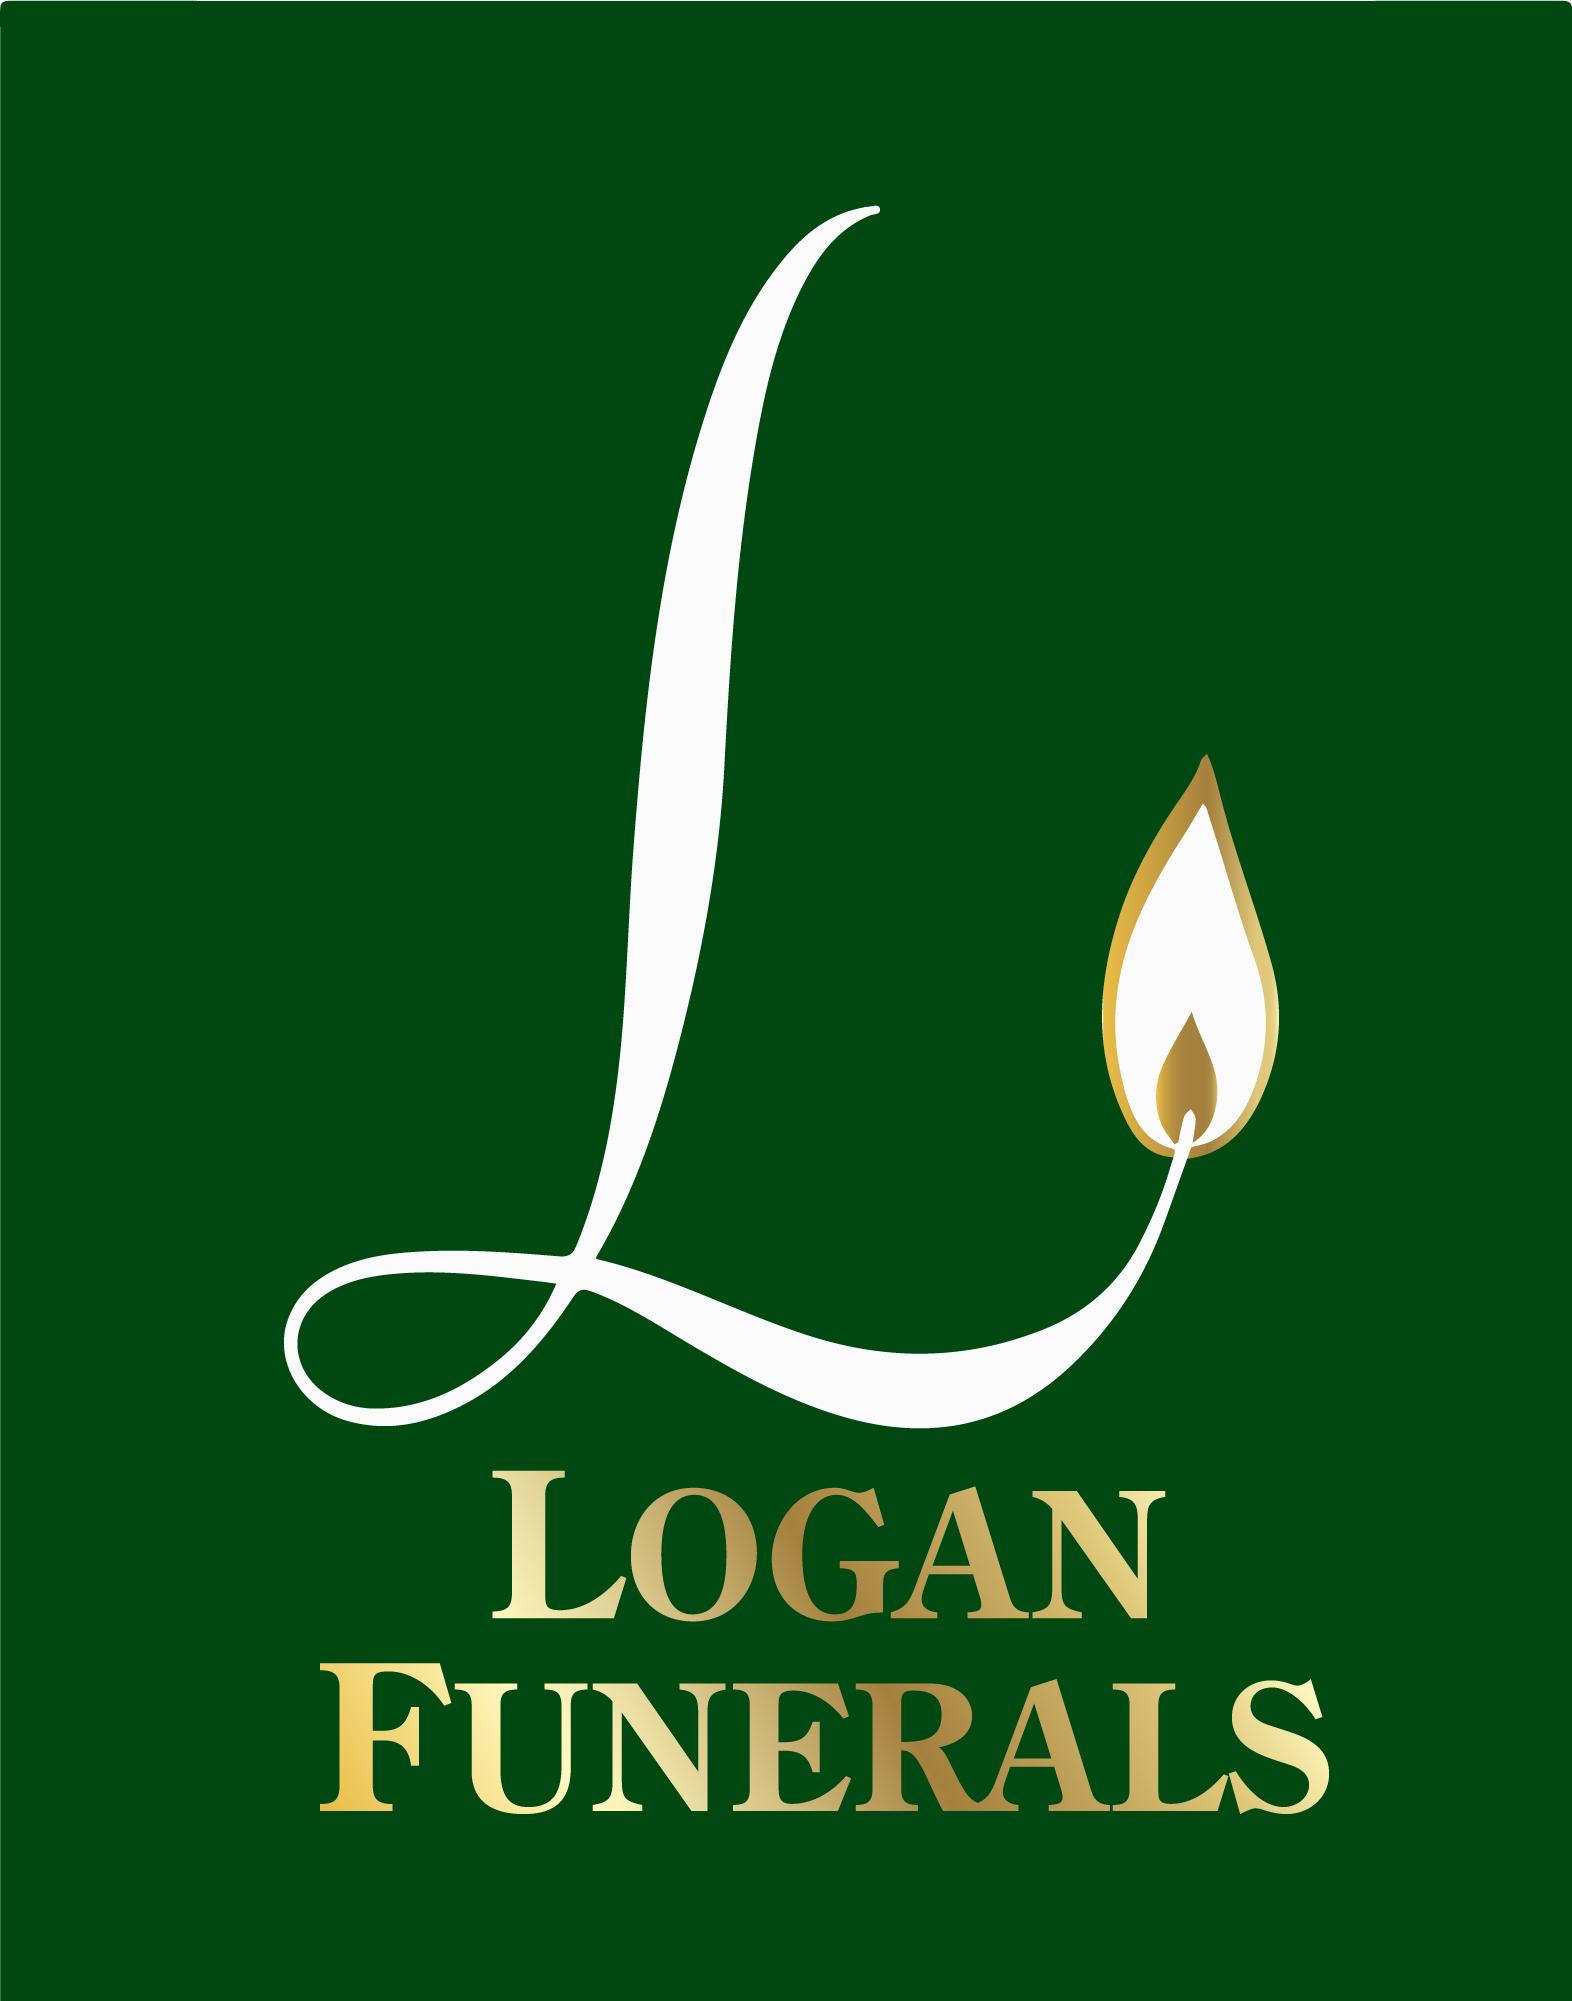 Logan Funerals